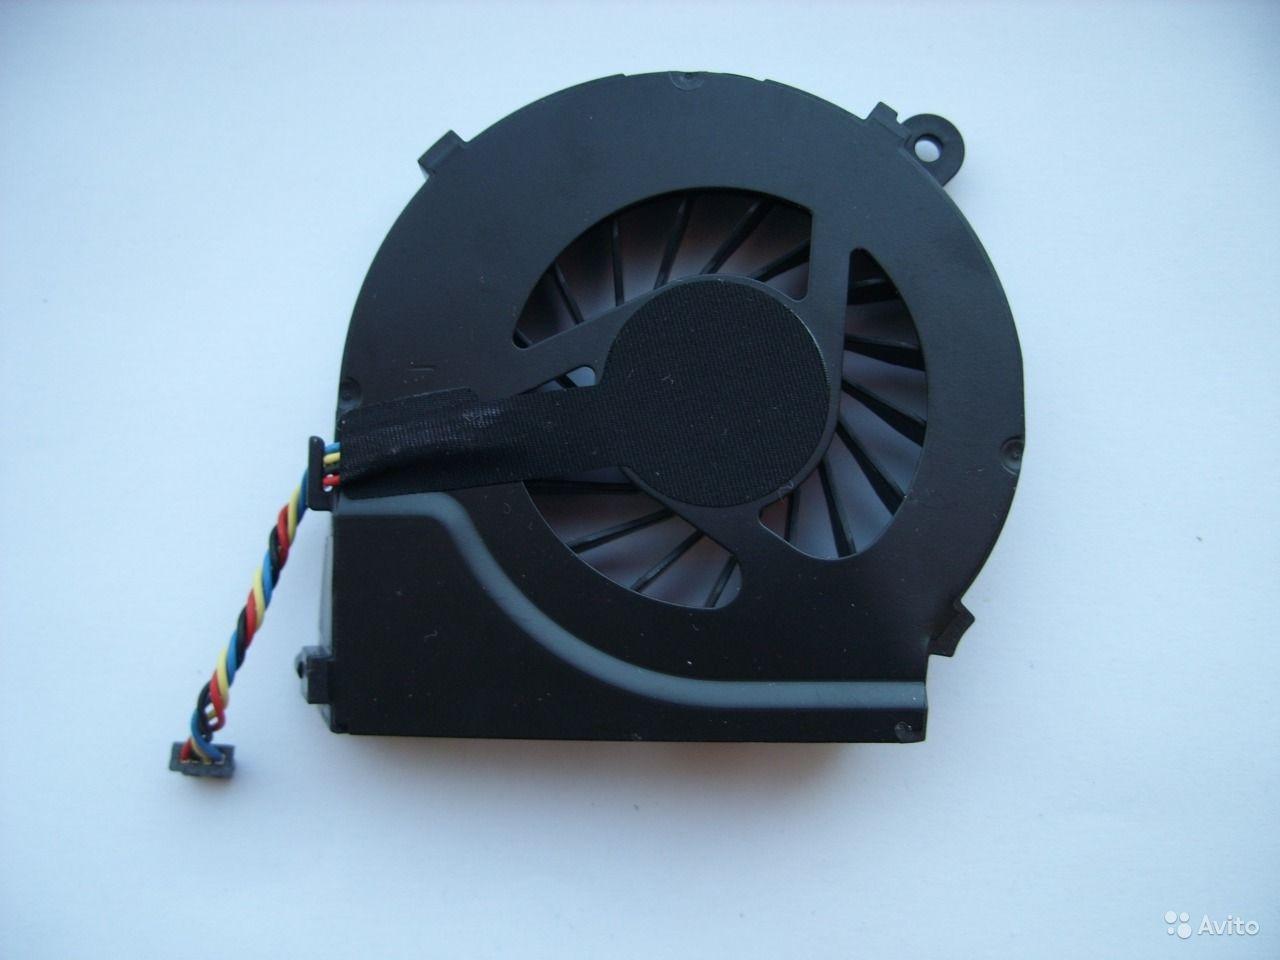 Вентилятор для ноутбука HP Pavilion G6-1000 CQ56 G4 G4t G4-1000 G4T-1000 G6 G6t G6z G7 G7t g7-1000 Series Fan